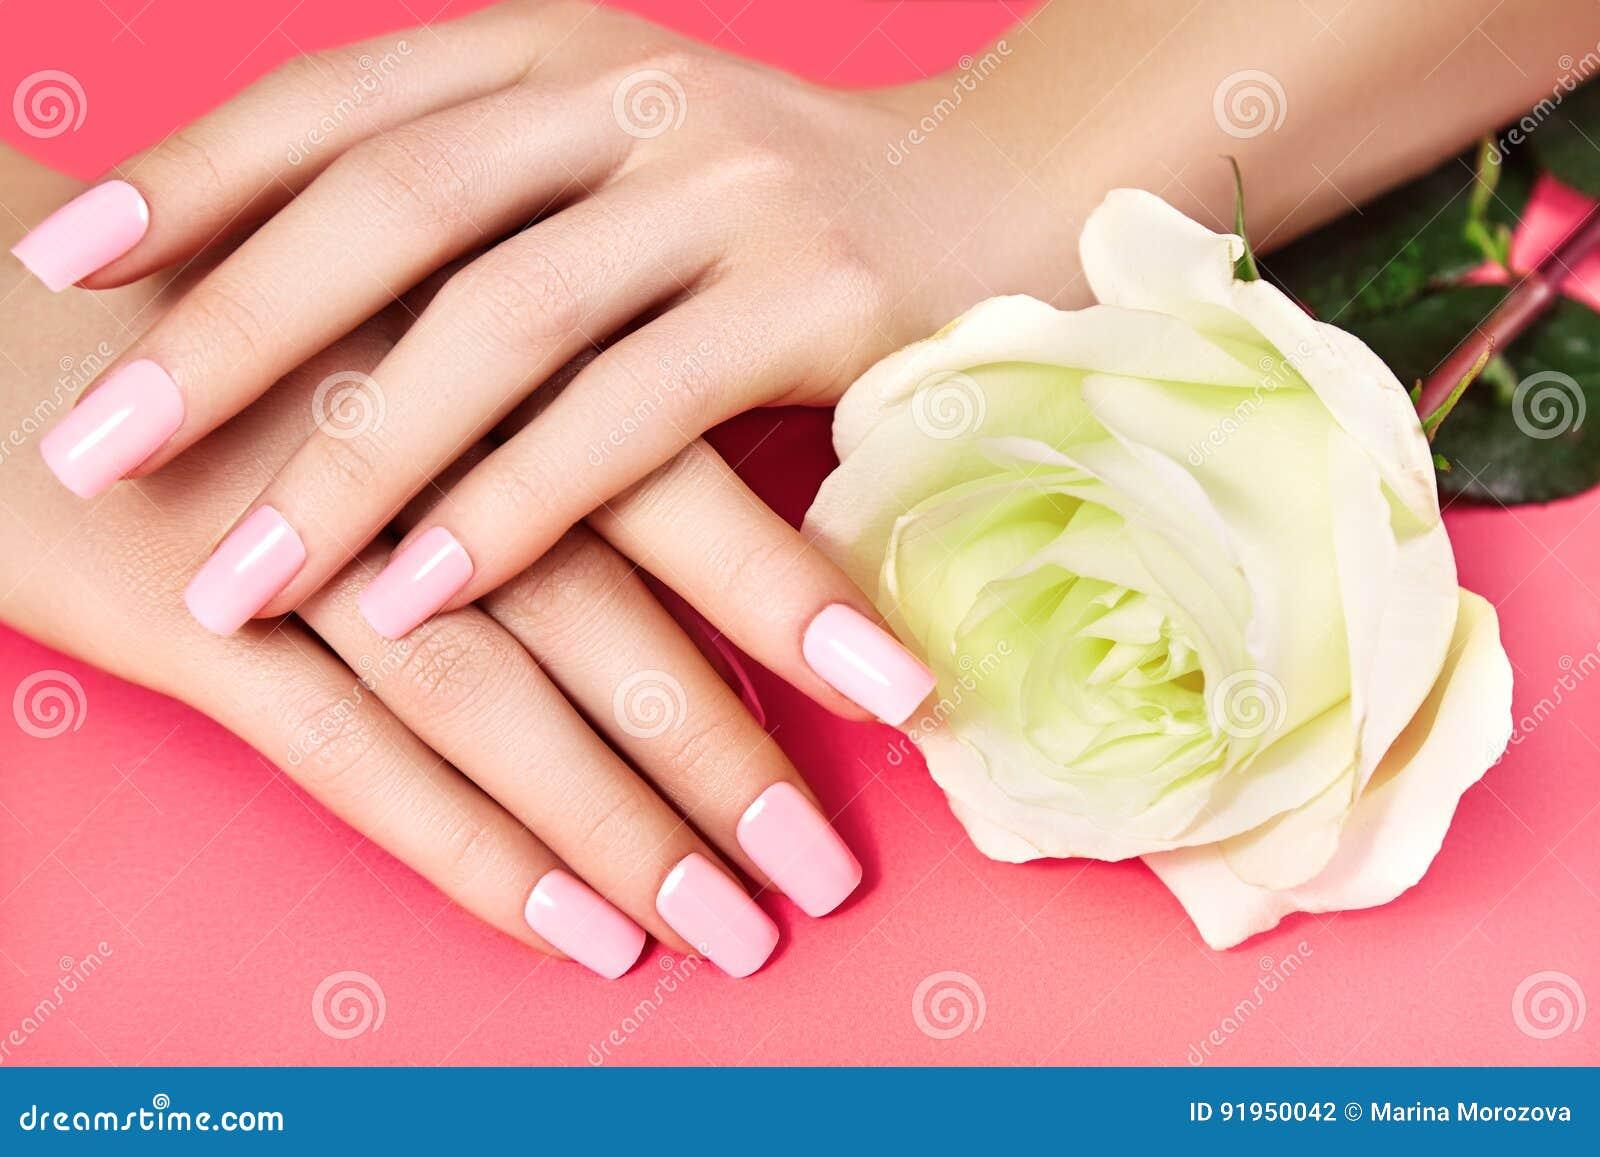 Robiący manikiur gwoździe z różowym gwoździa połyskiem Manicure z nailpolish Mody sztuki manicure, błyszcząca gel laka Przybija s